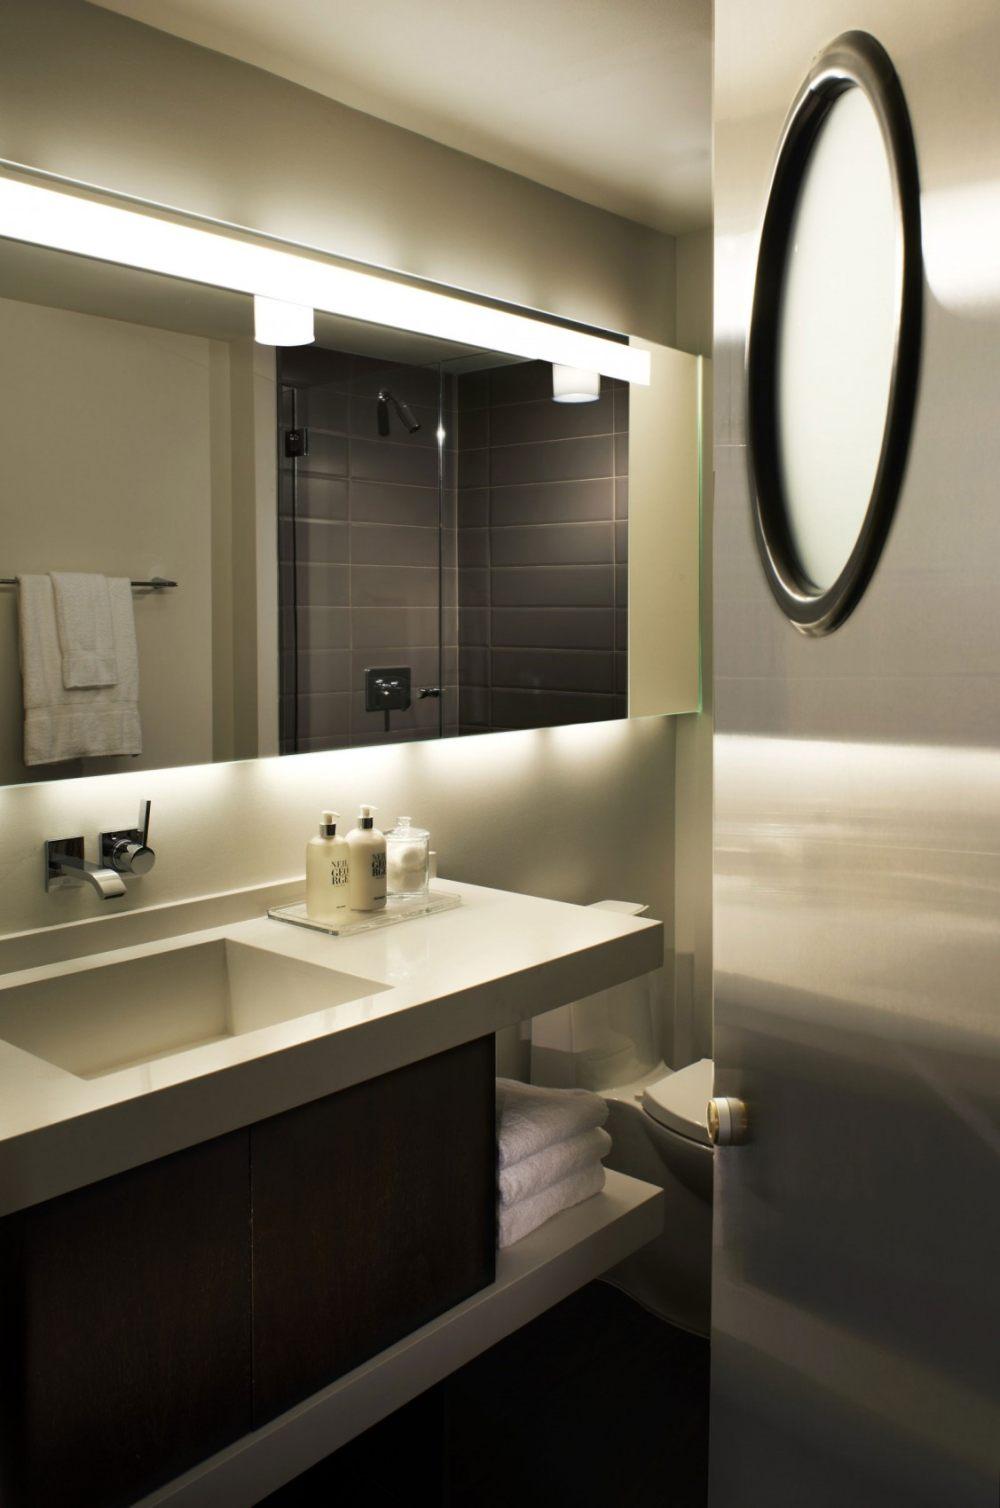 美国旧金山思拓酒店_Hotel-Zetta-San-Francisco-19-1127x1700.jpg